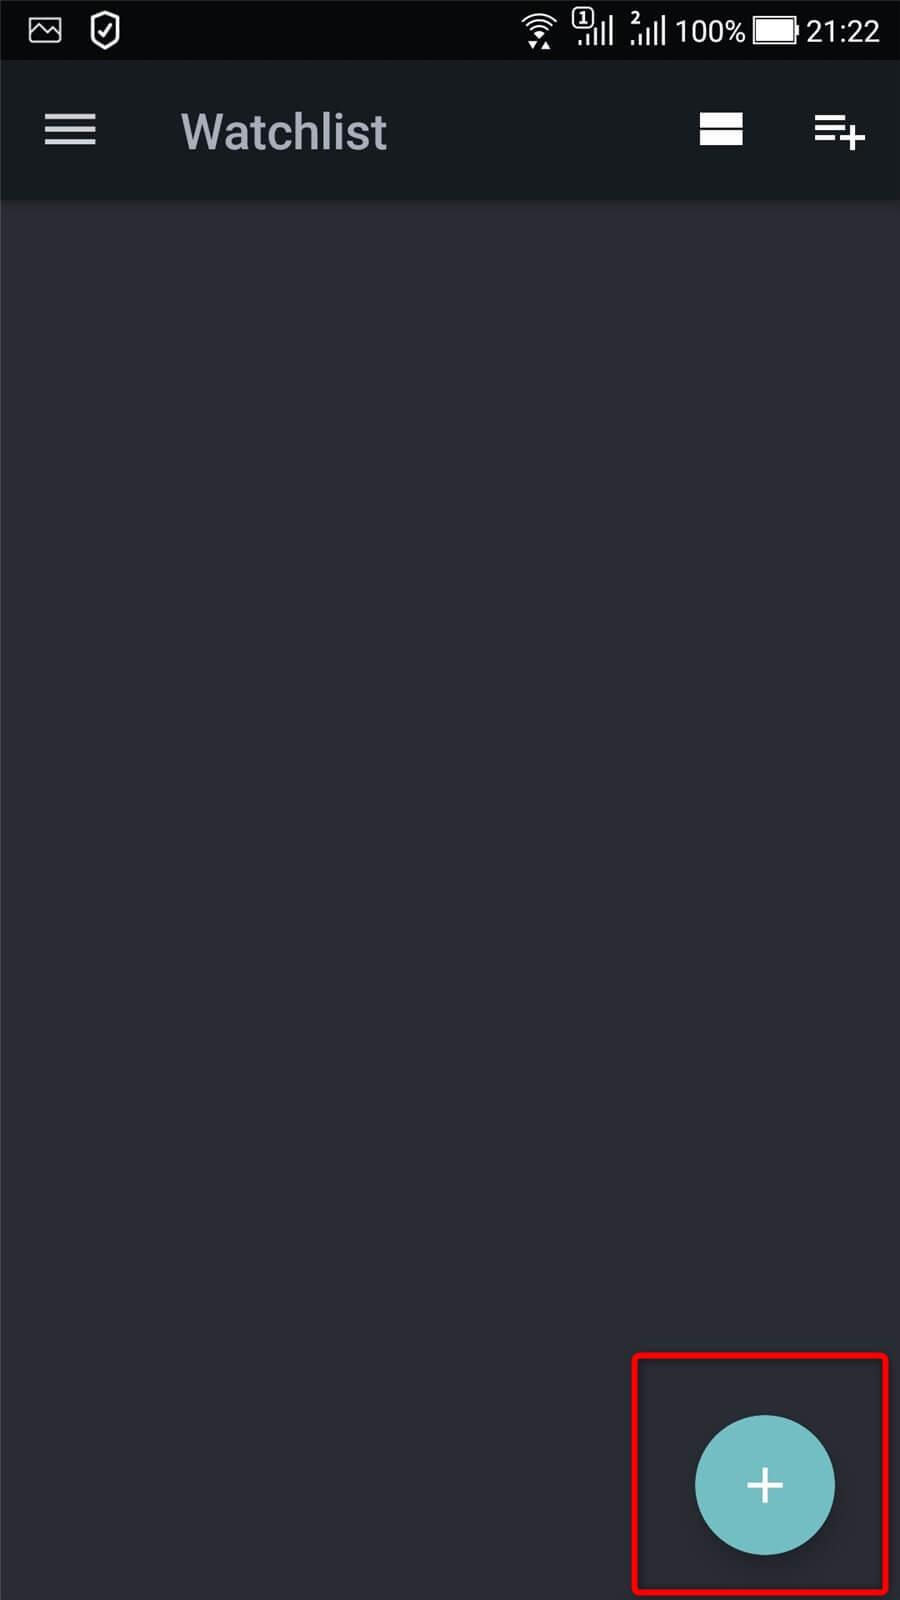 仮想通貨シグナル配信TABTRADER